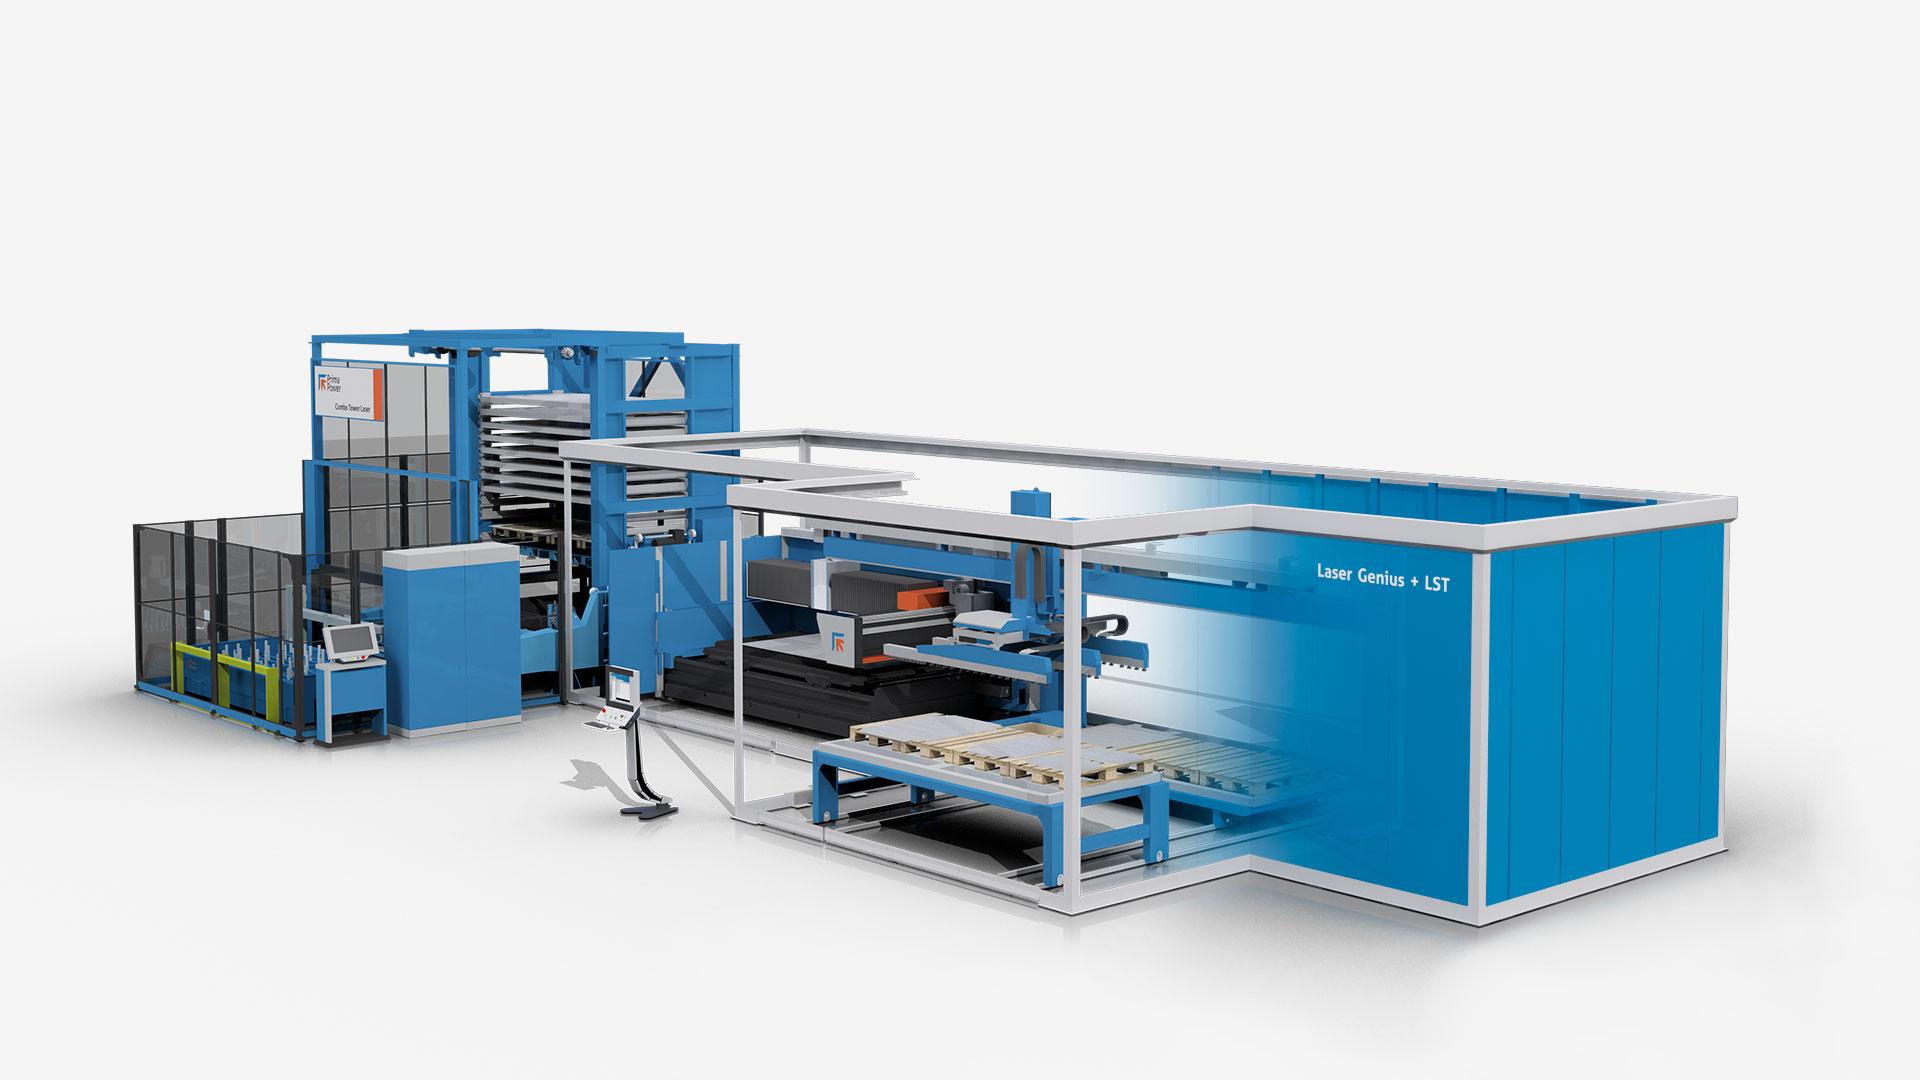 Nuevo centro automatizado de corte láser Genius 10 KW+LST